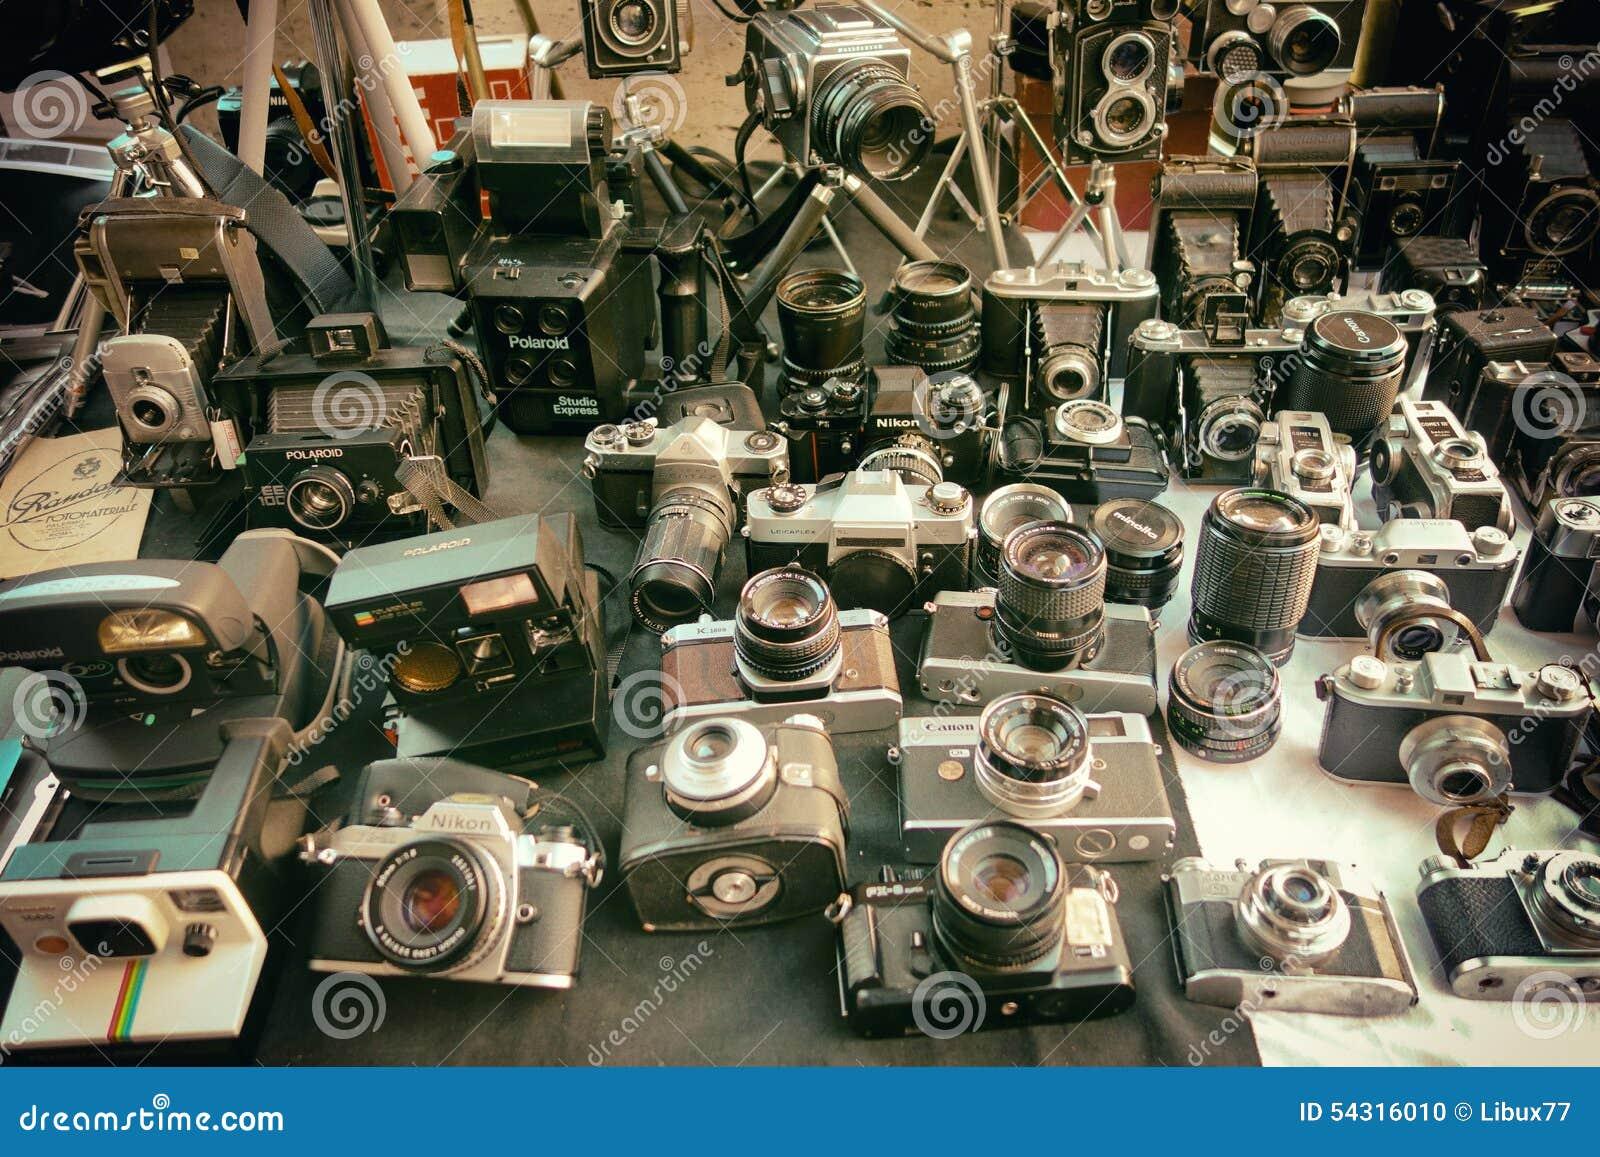 f059009597f5 Camera Cameras Vintage Collection Editorial Image - Image of nikon ...